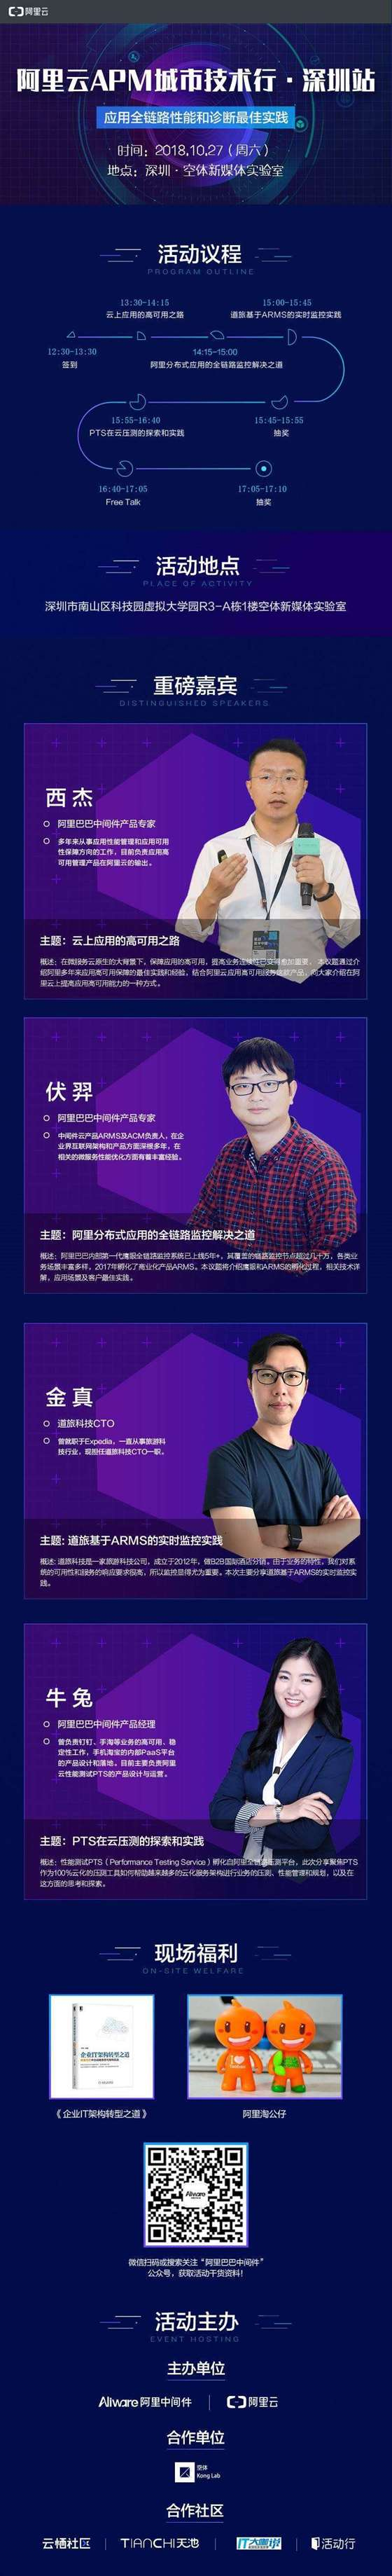 北京APM沙龙邮件edm-无按钮无二维码.jpg